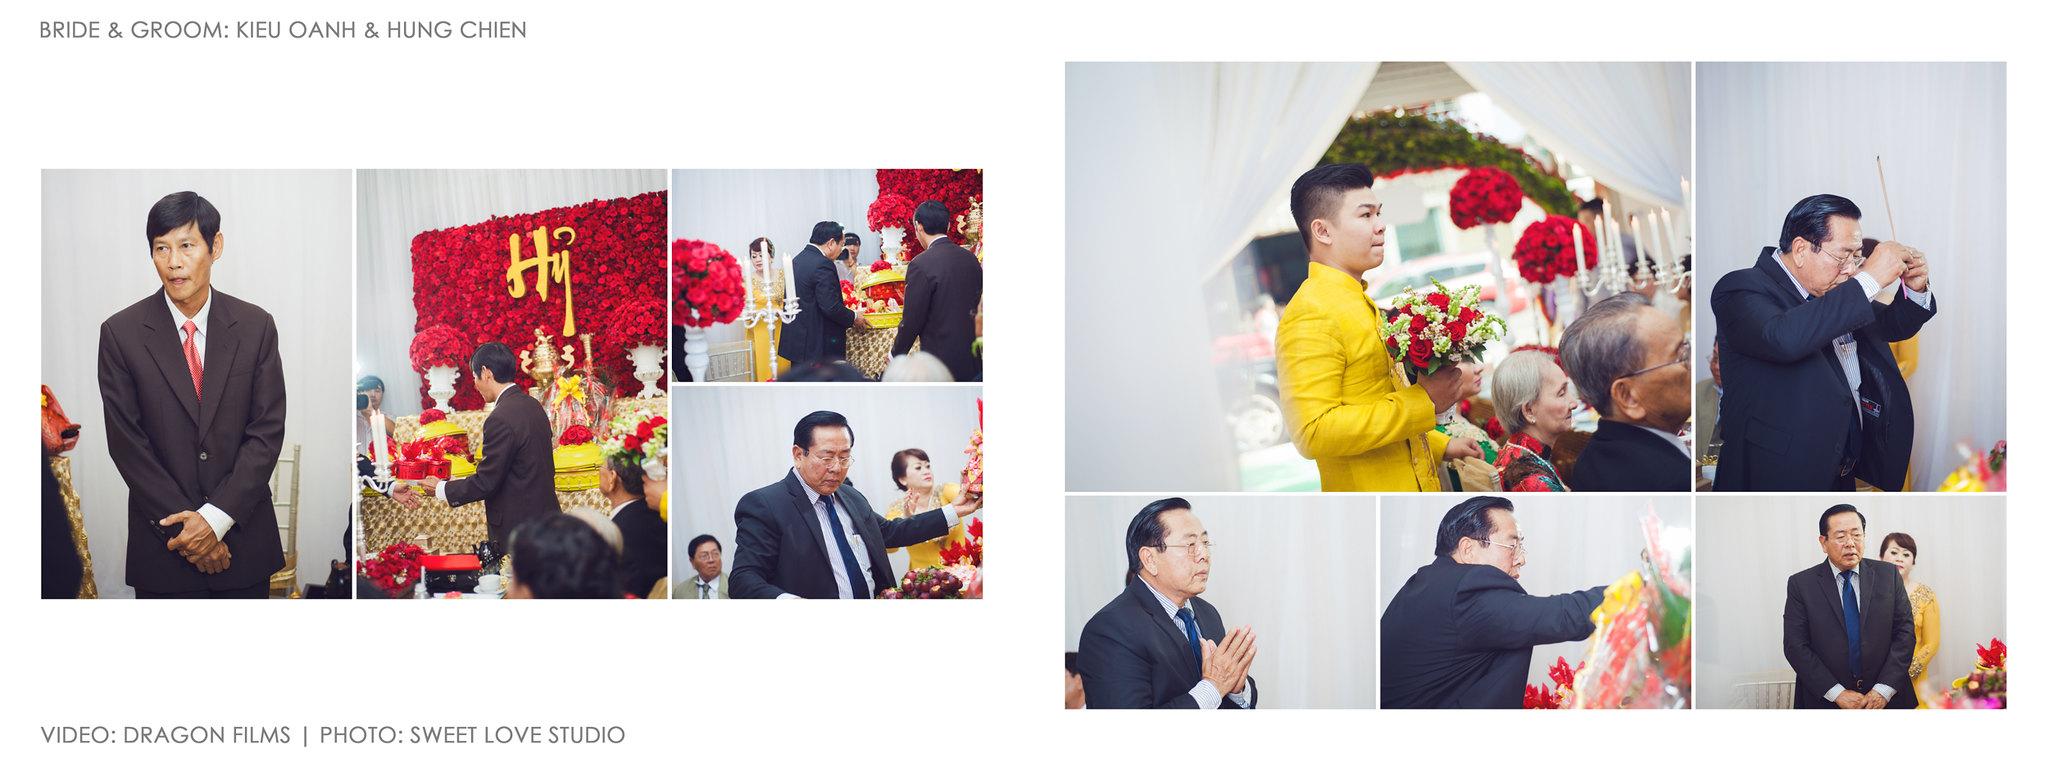 Chup-anh-cuoi-phong-su-Kieu-Oanh-Hung-Chien-08